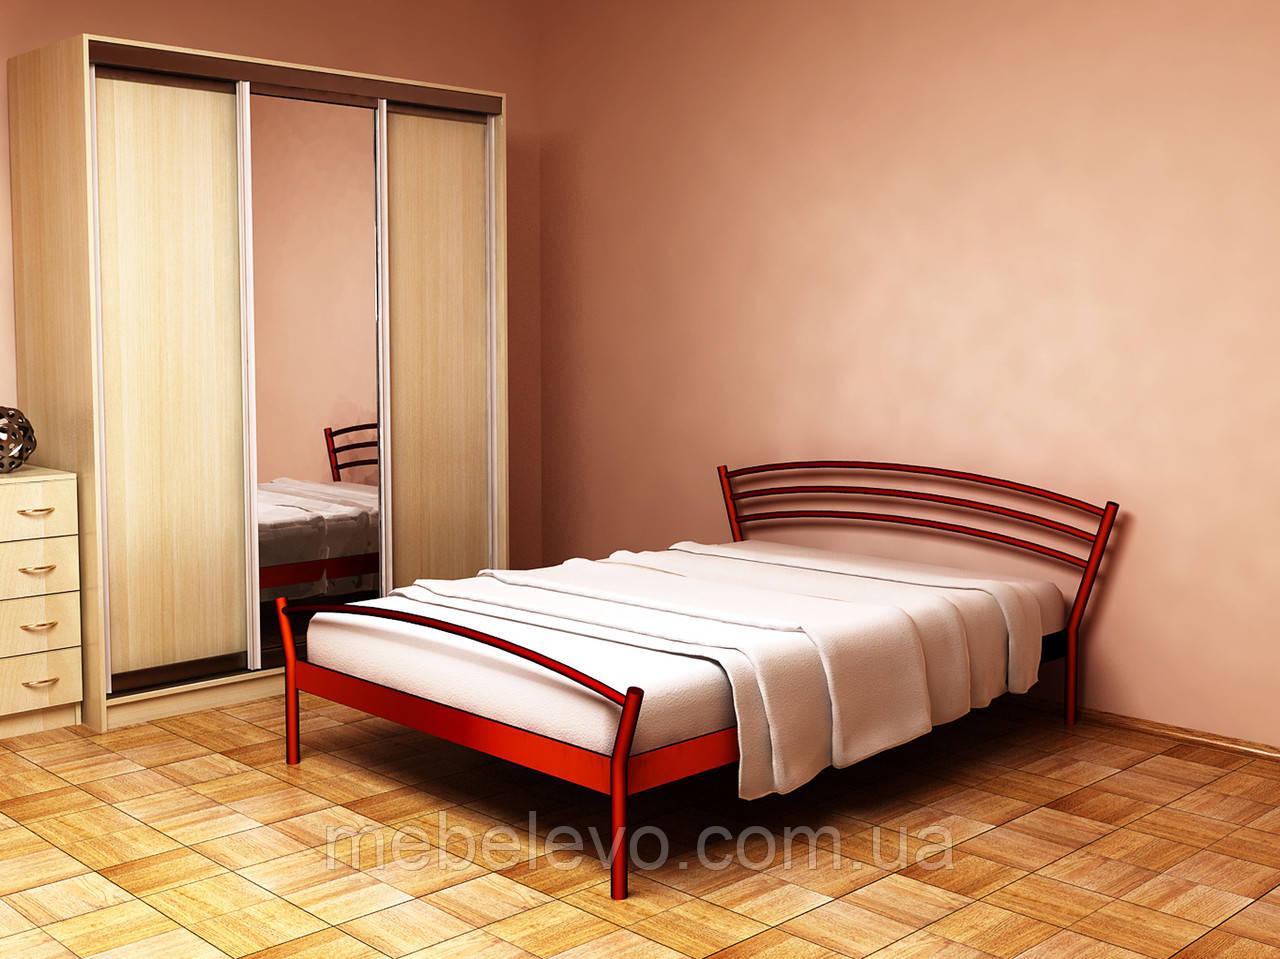 Кровать Марко 1  полуторная 140  Метакам